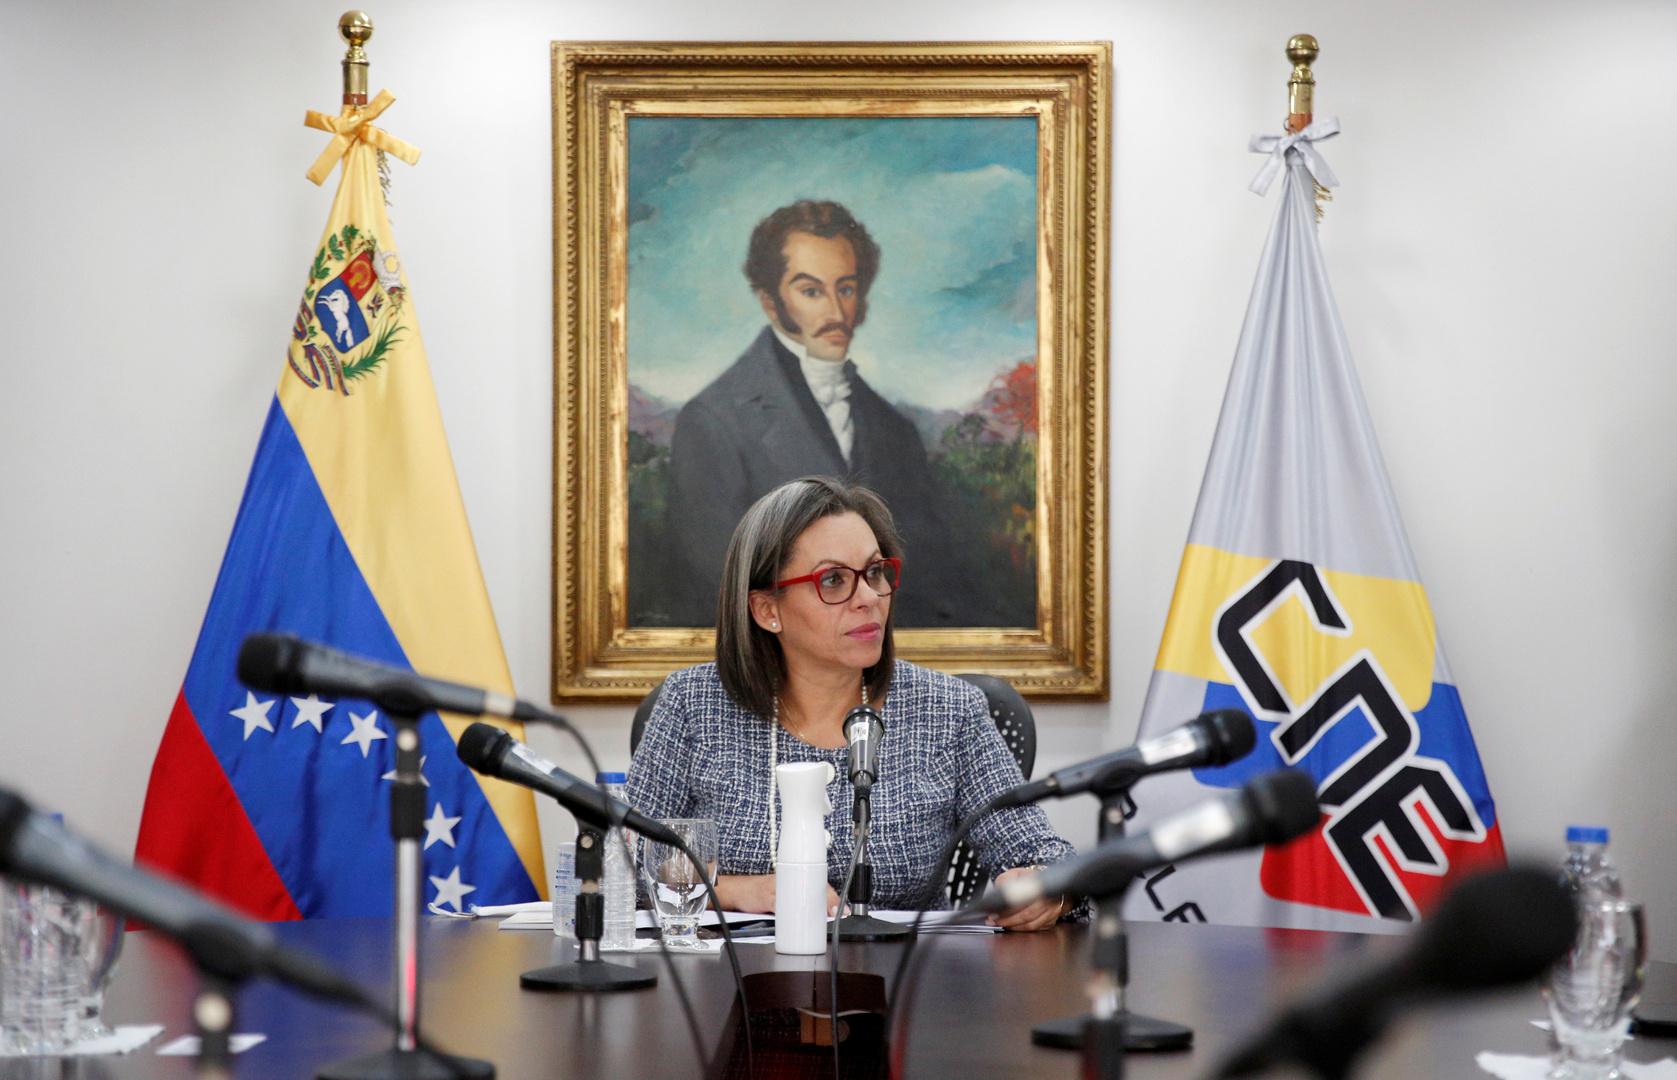 السلطات الفنزويلية تحدد 6 ديسمبر موعدا للانتخابات التشريعية